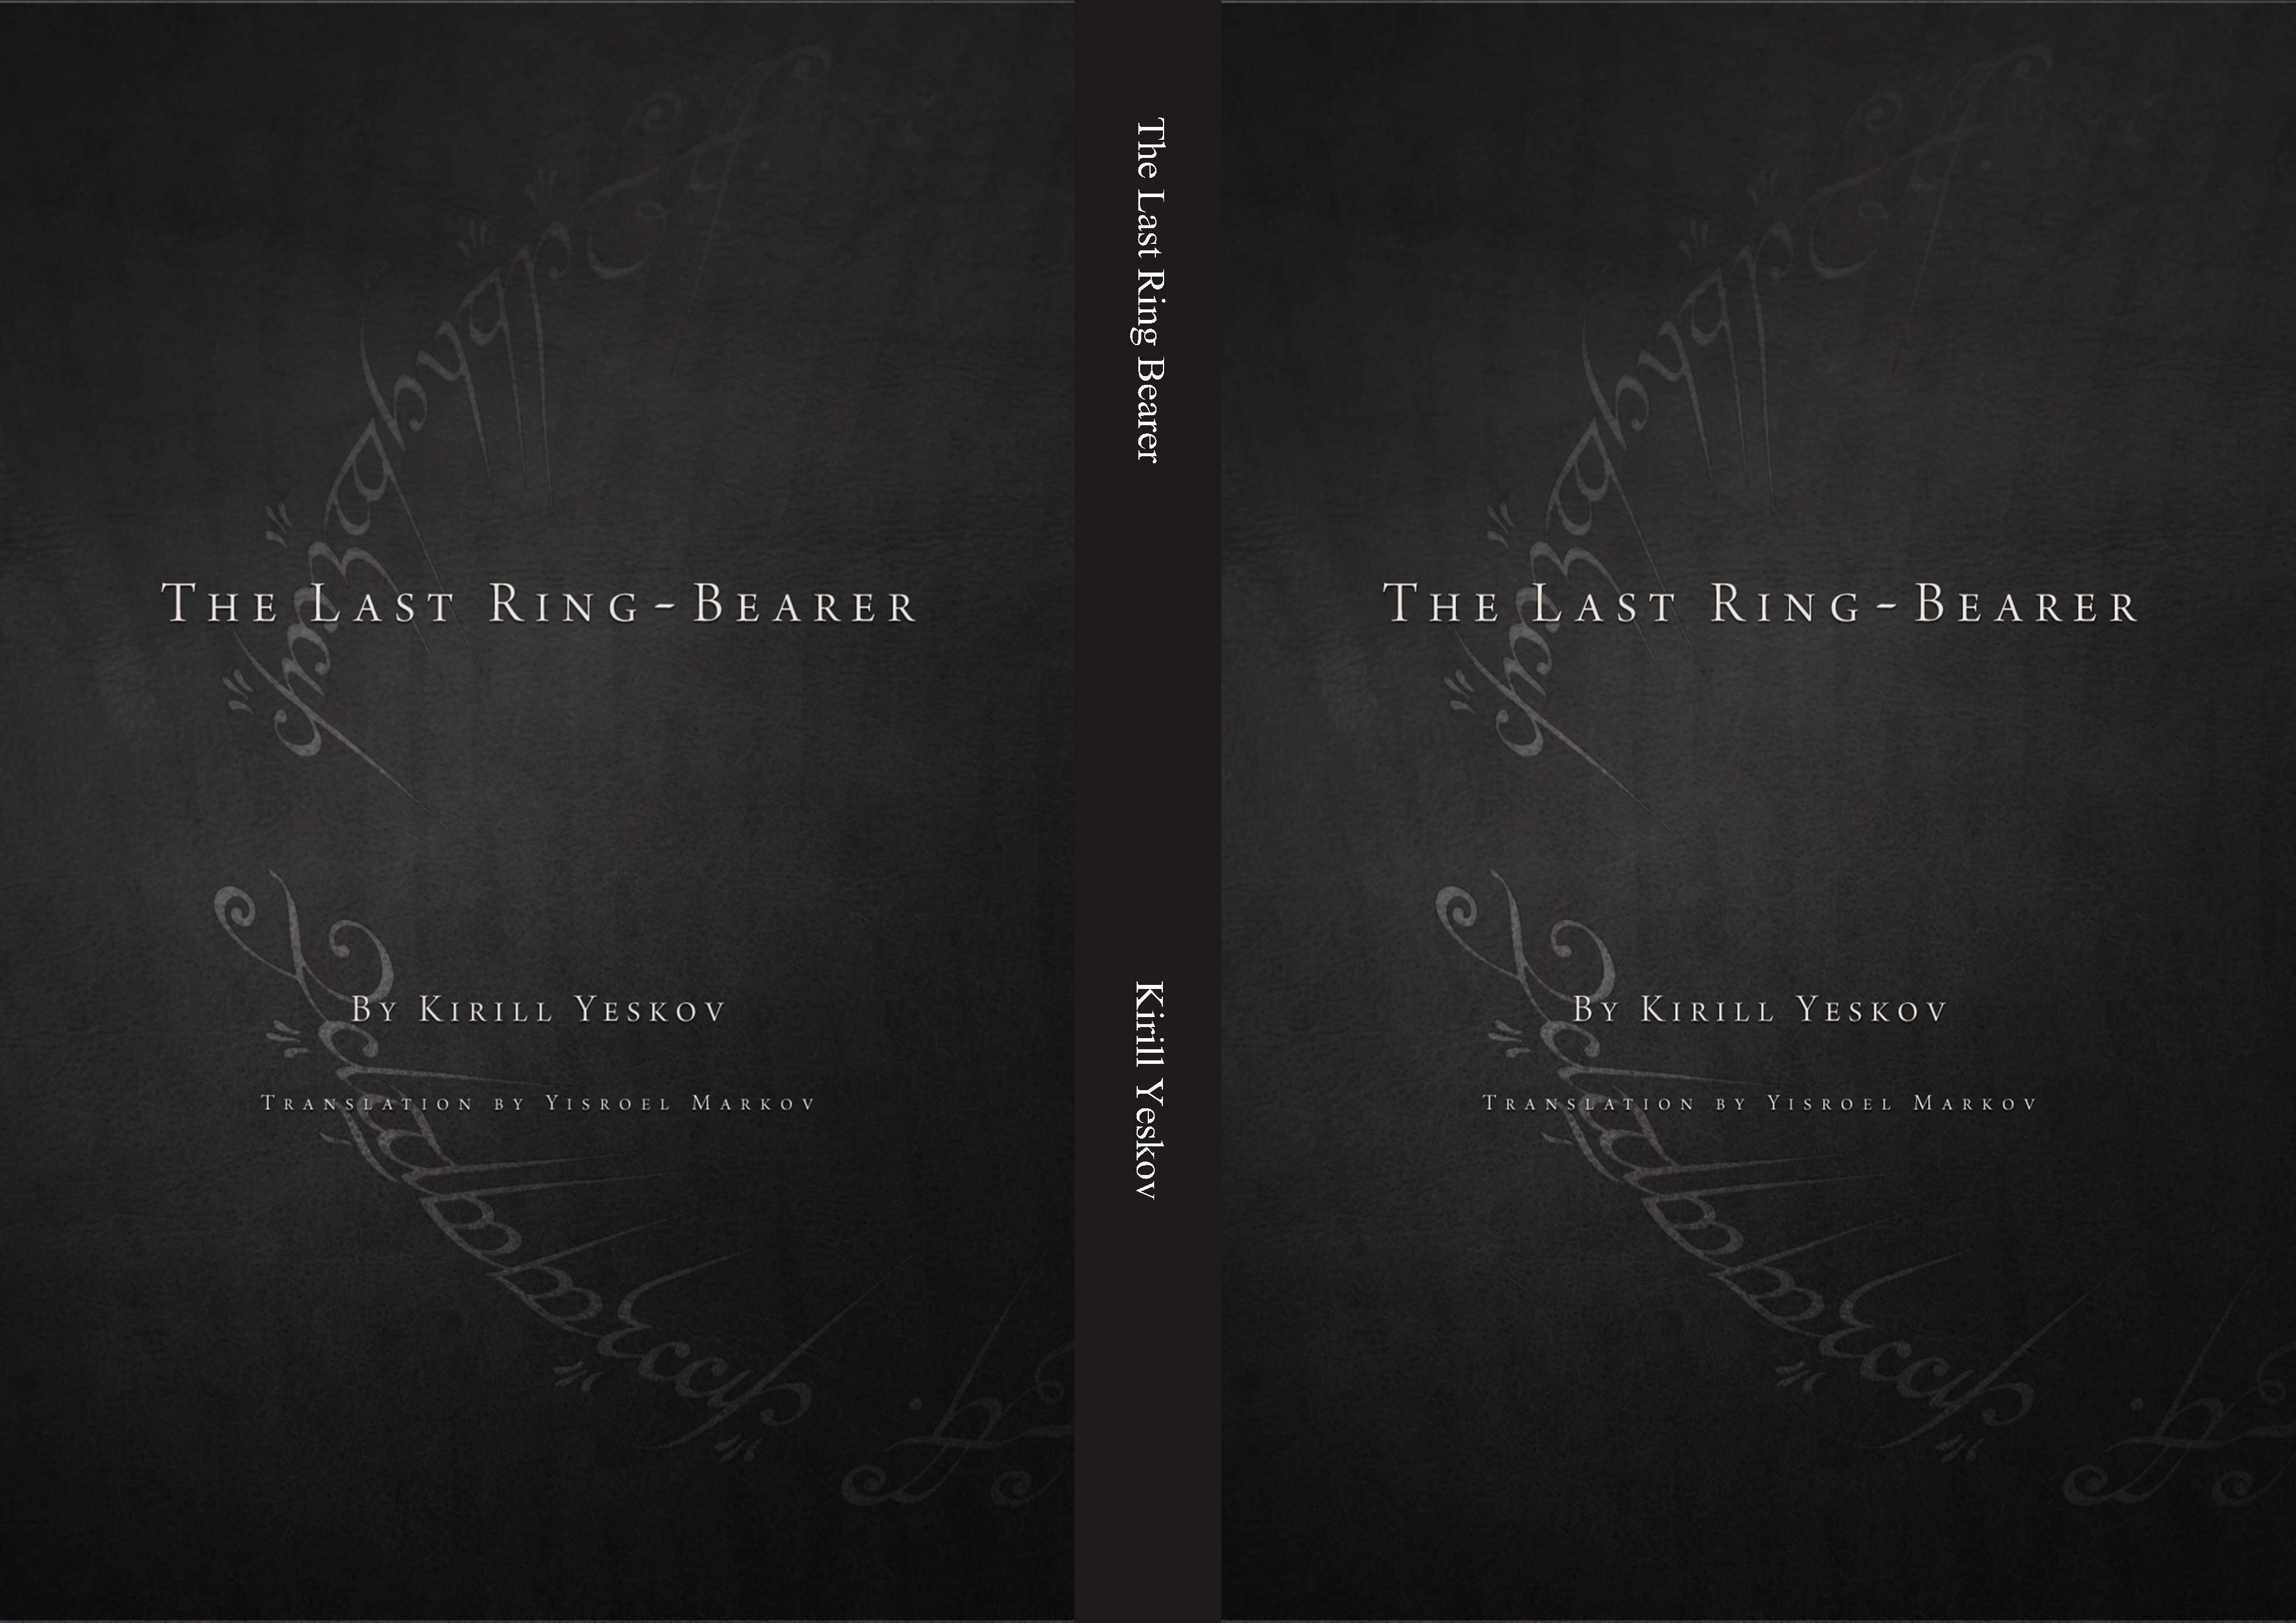 the-last-ring-bearer